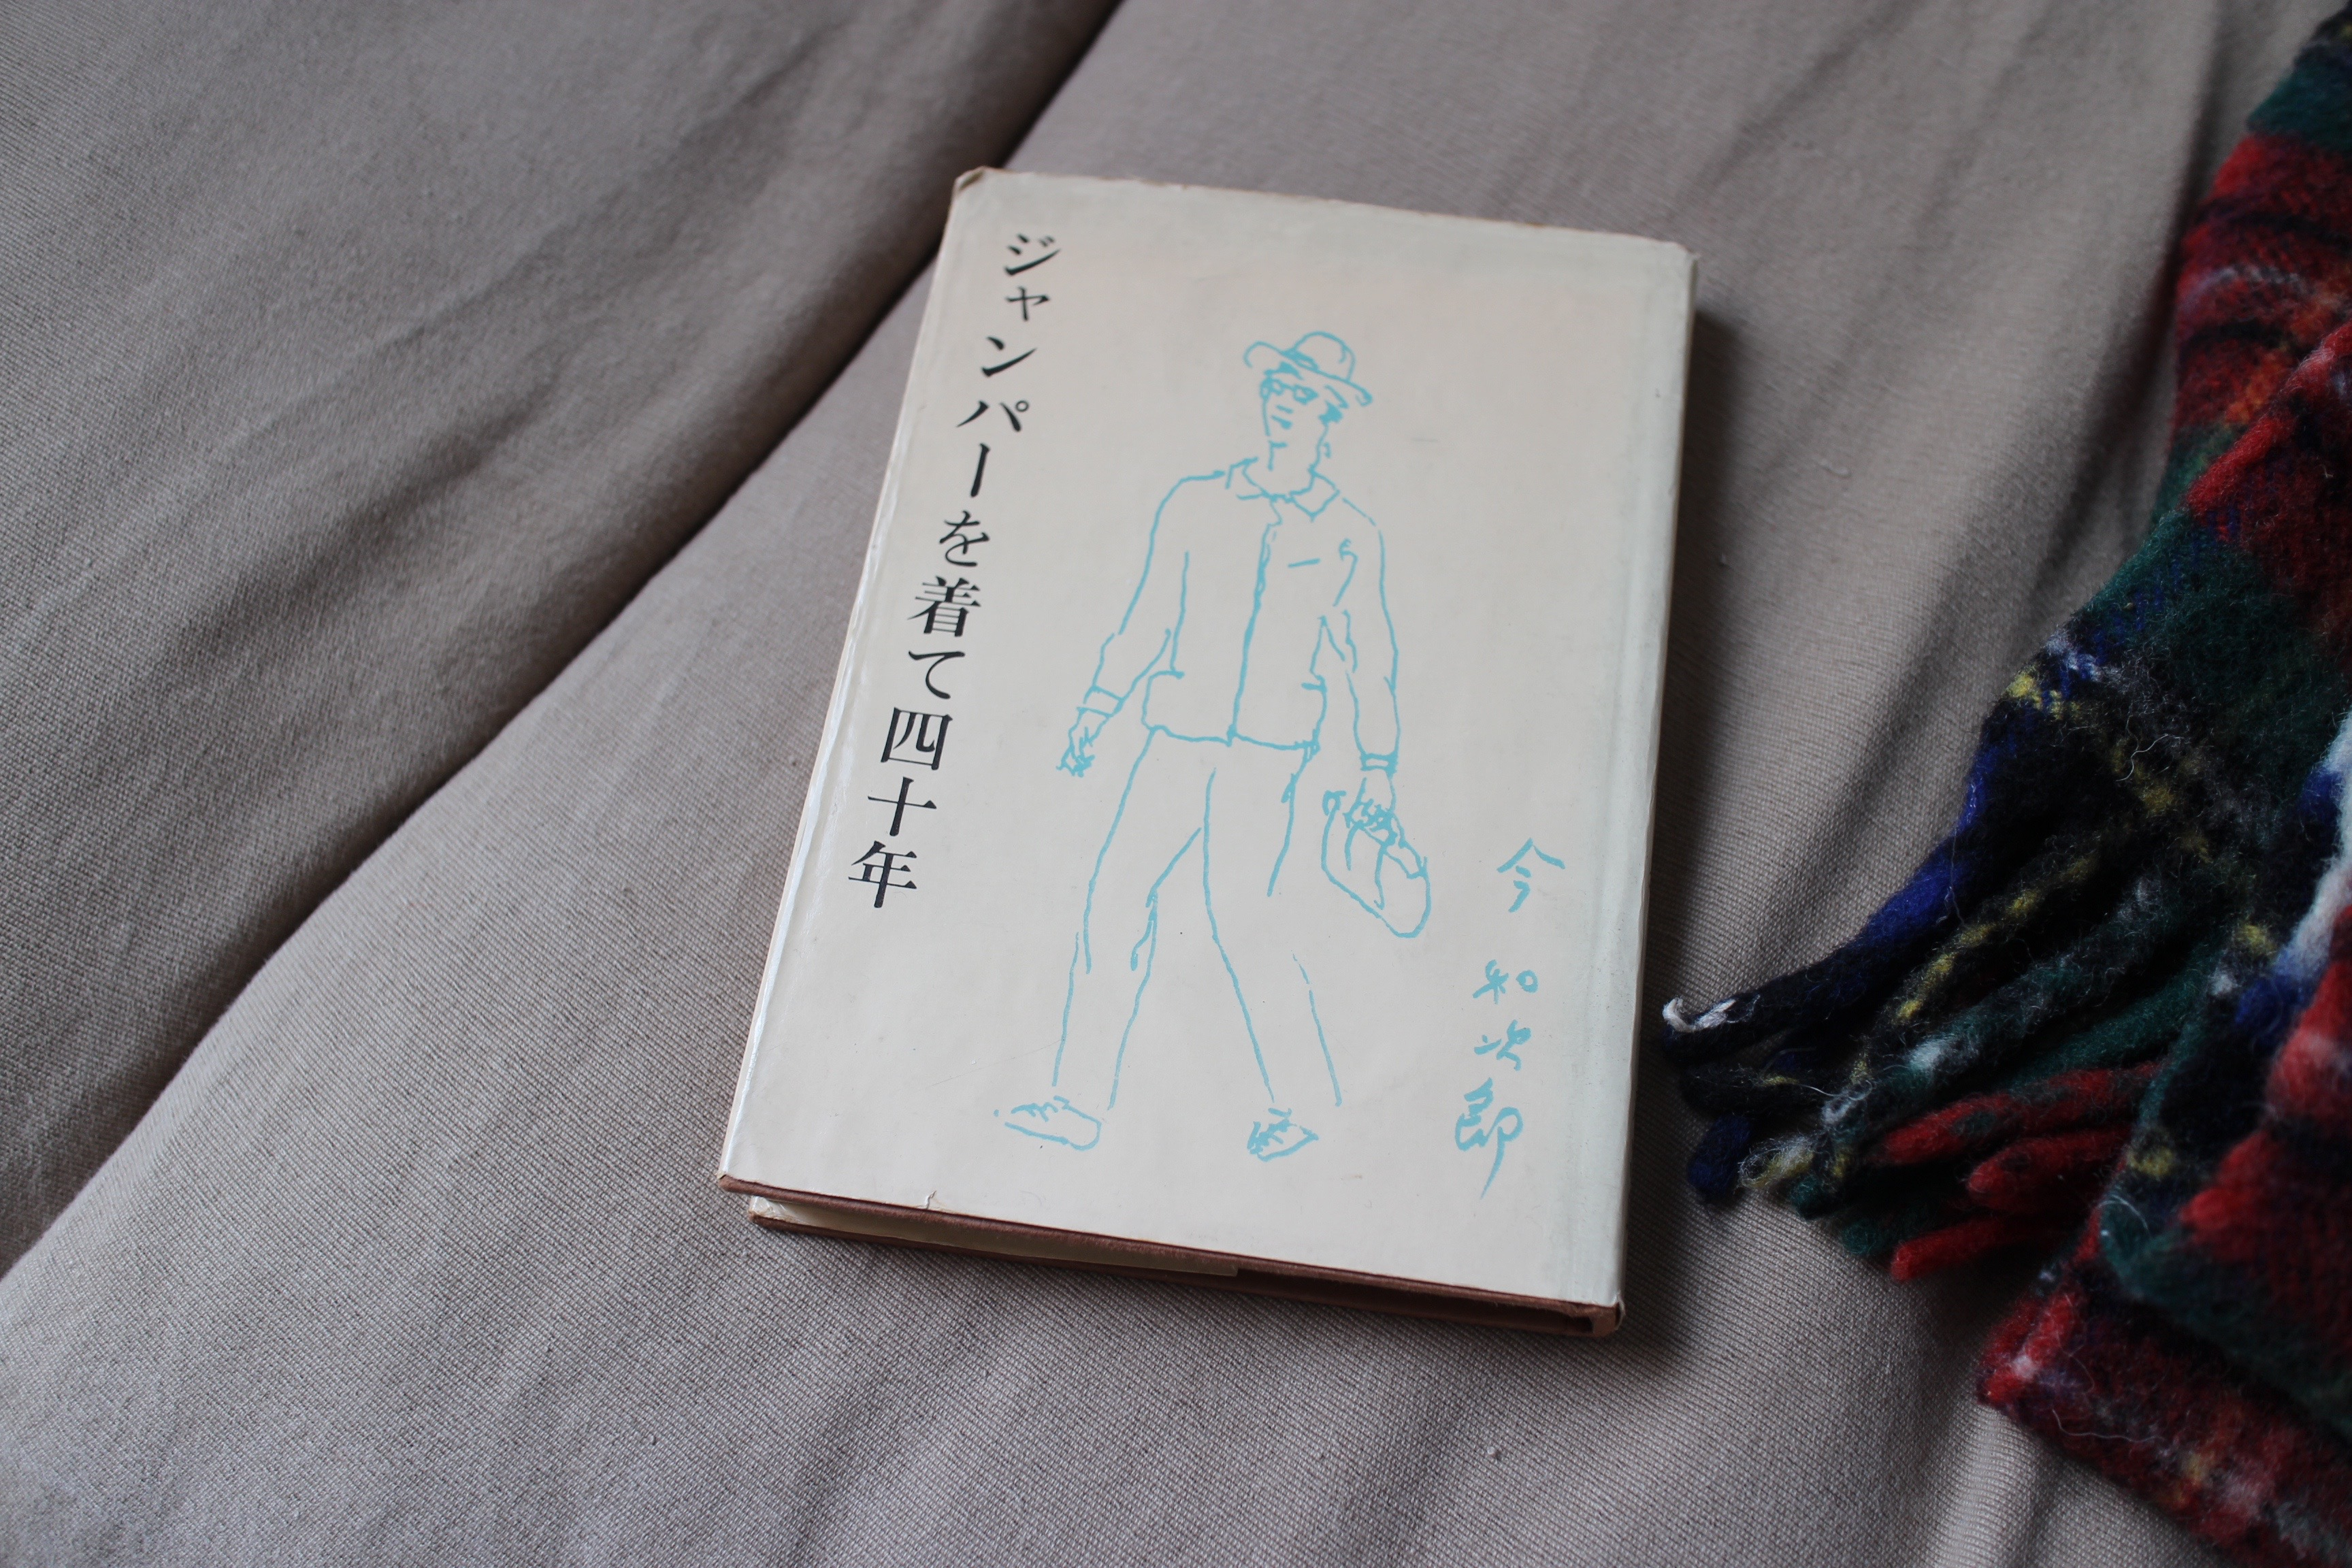 これを読んで世界が変わったとかではないが、この数年ずっと心の中にあった本